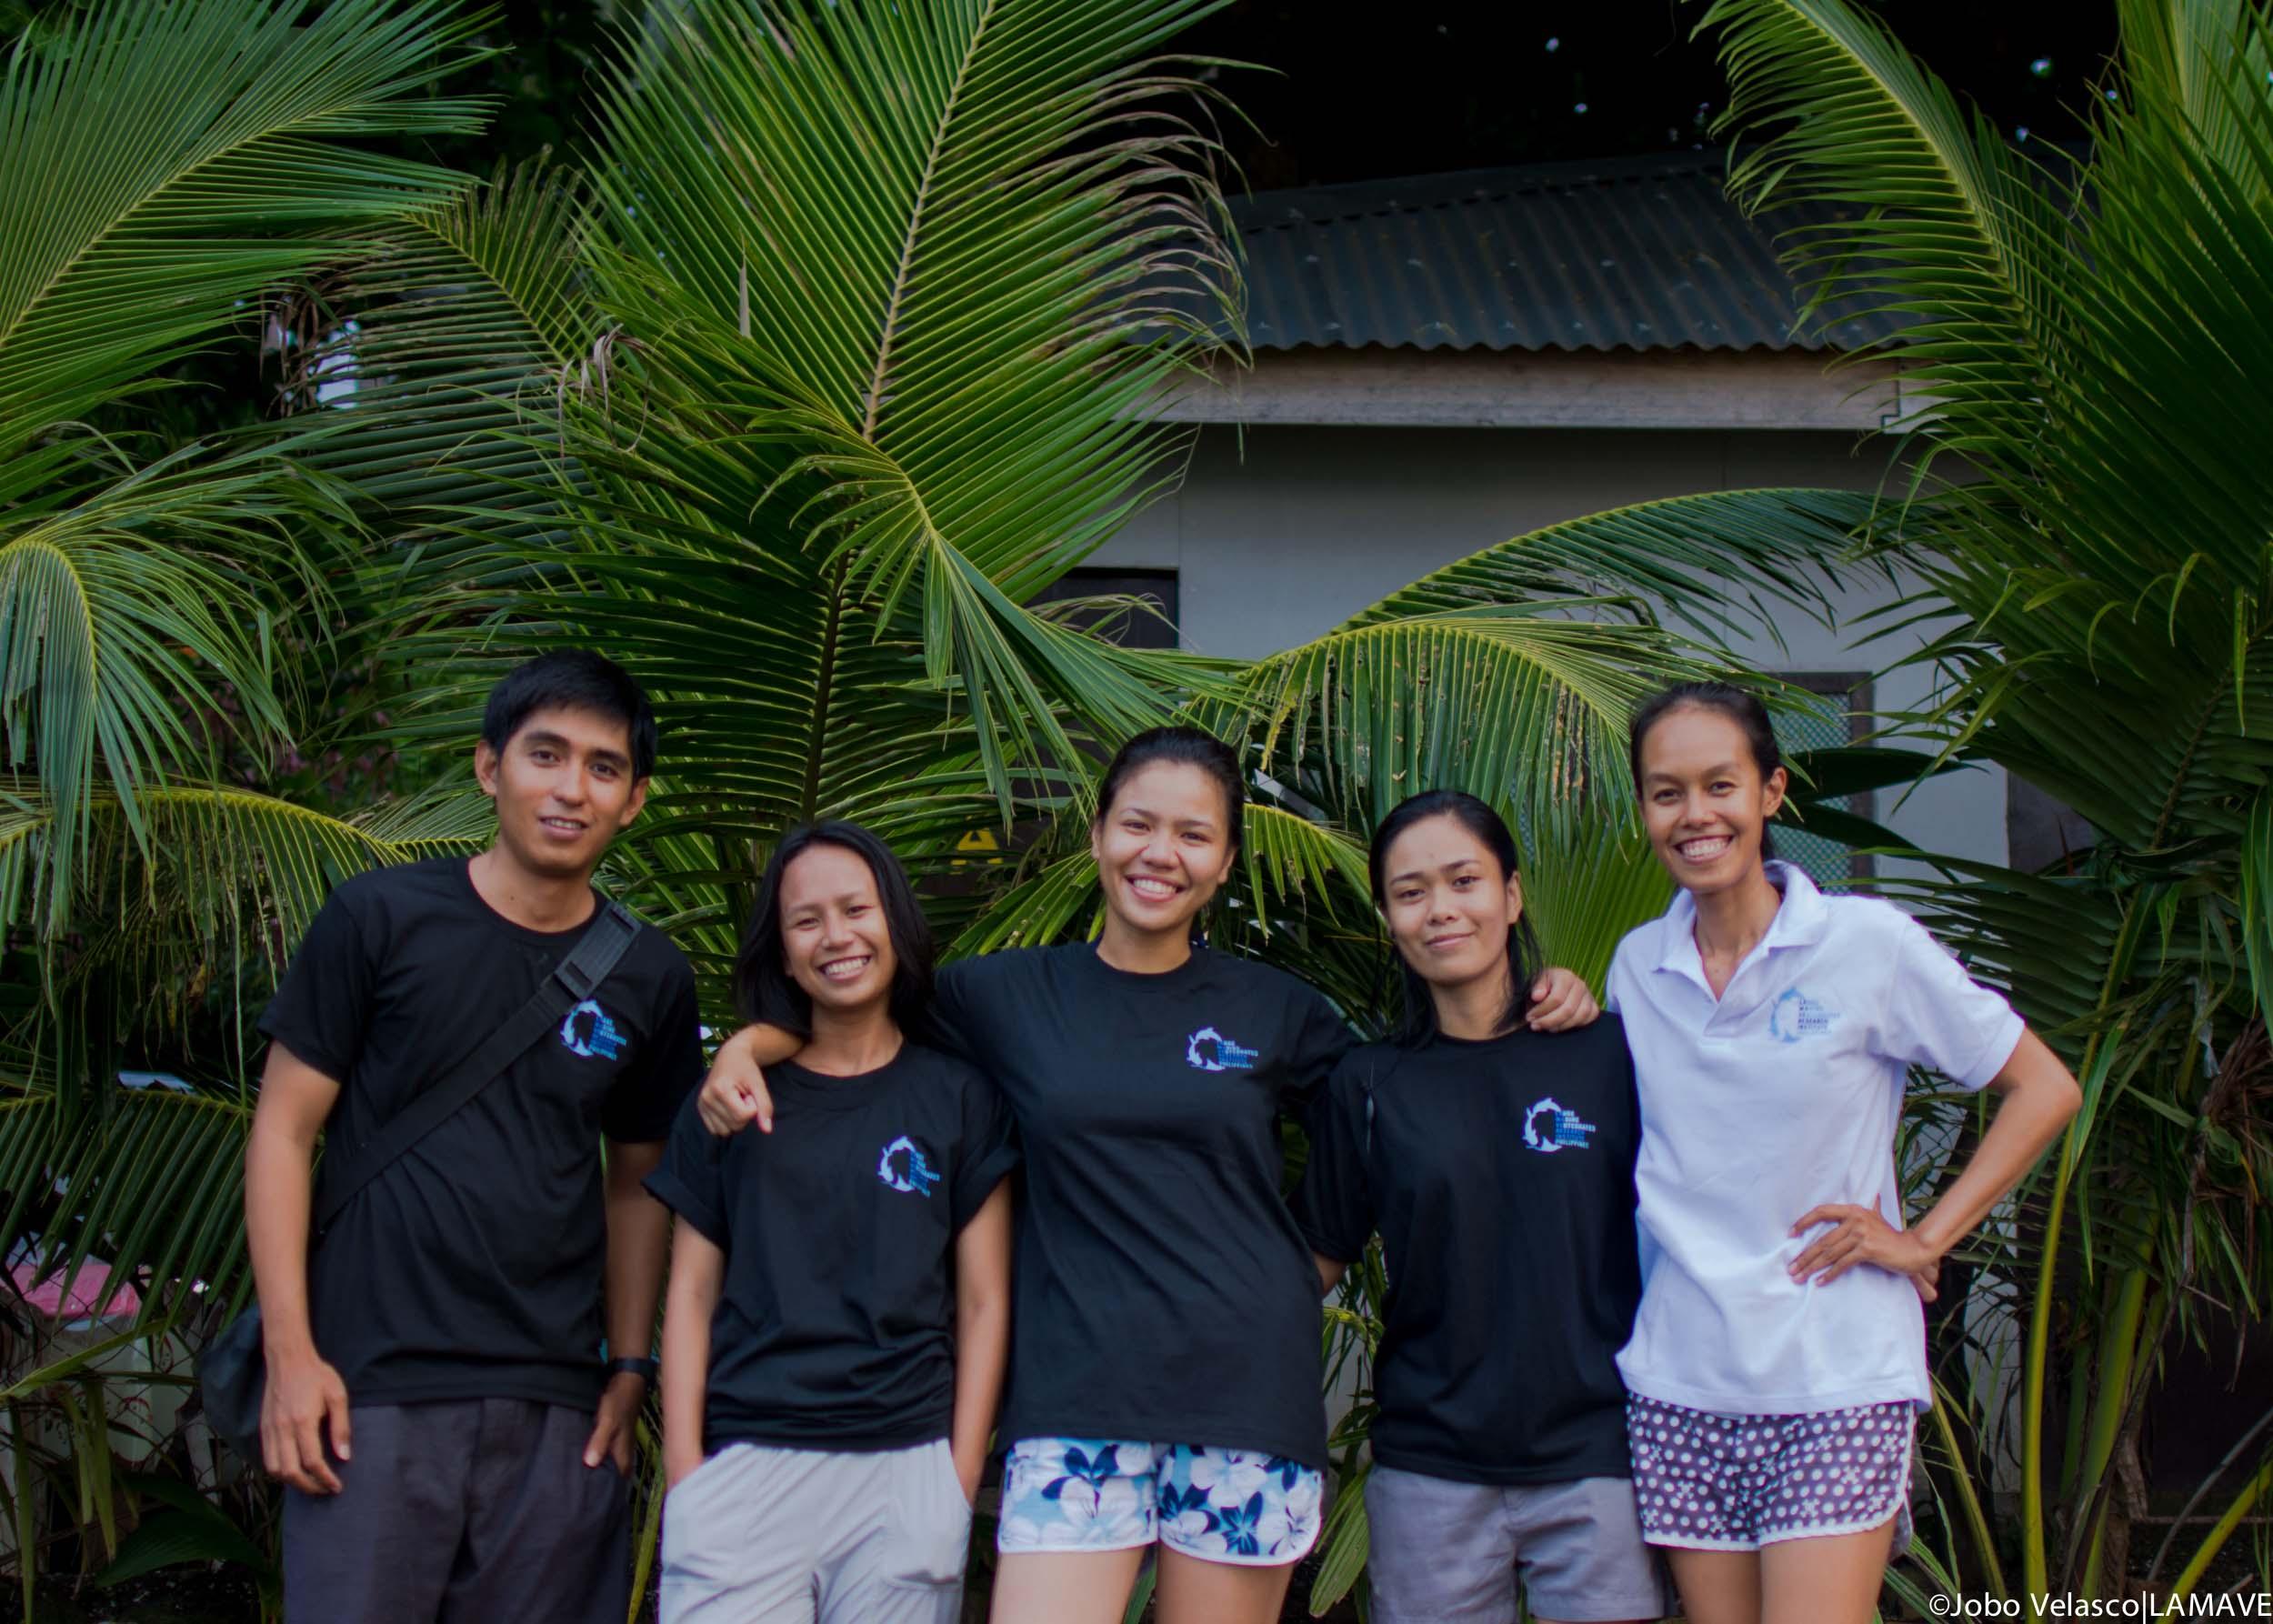 mindanao-whale-shark-lamave-volunteer-team